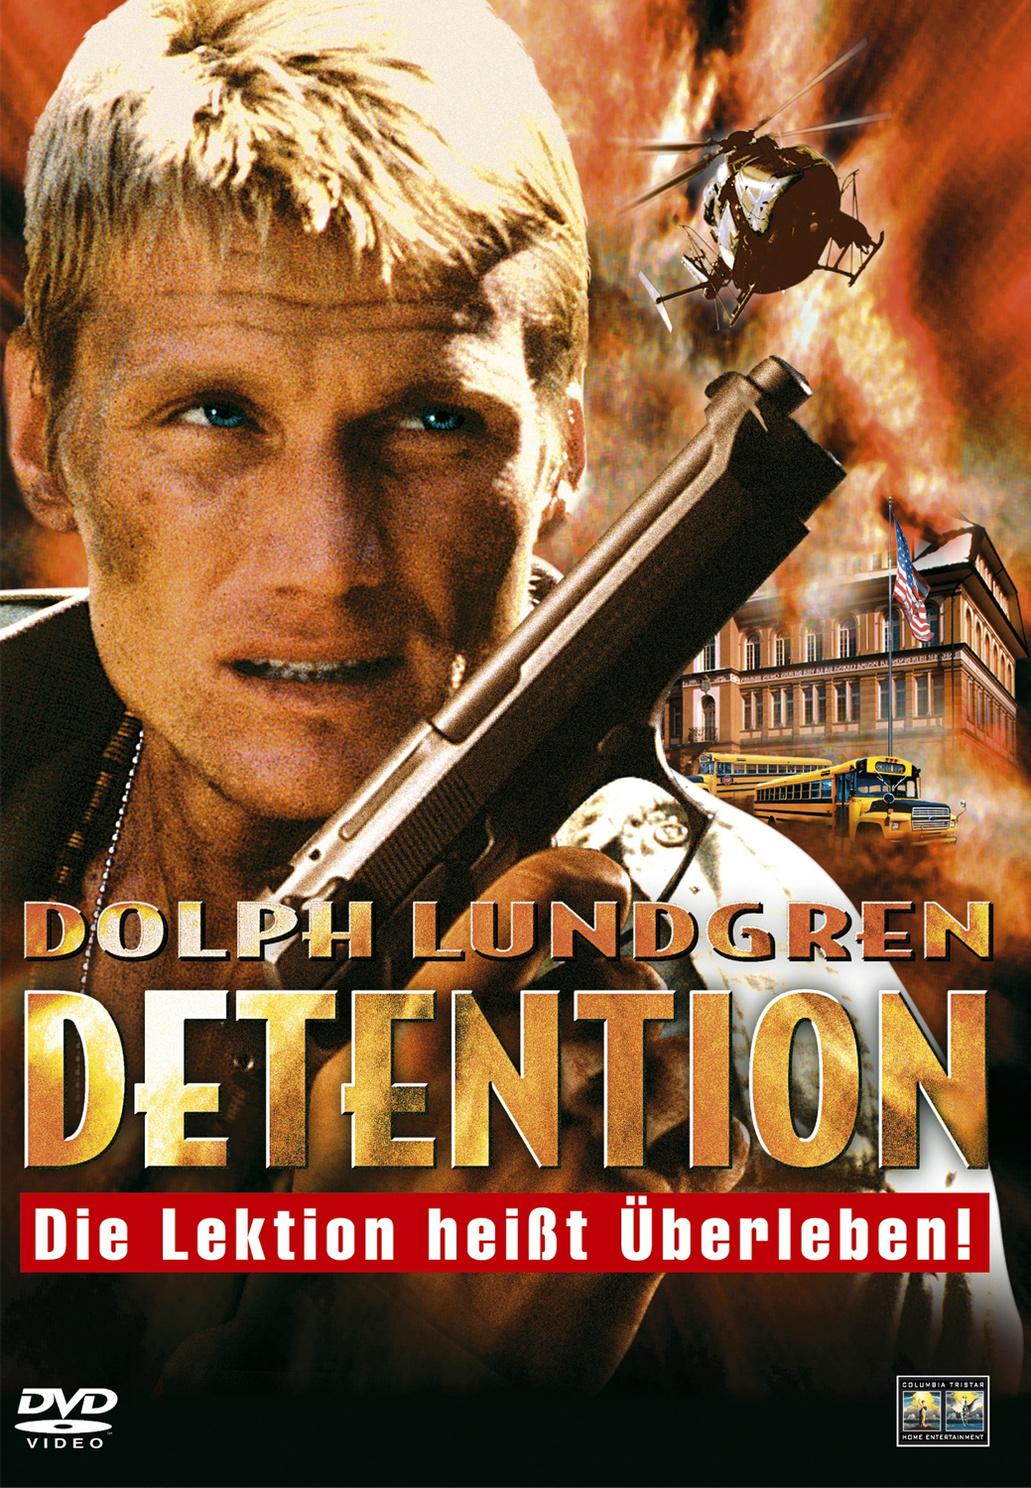 Detention - Dolph Lundgren Die Lektion heißt Üb...